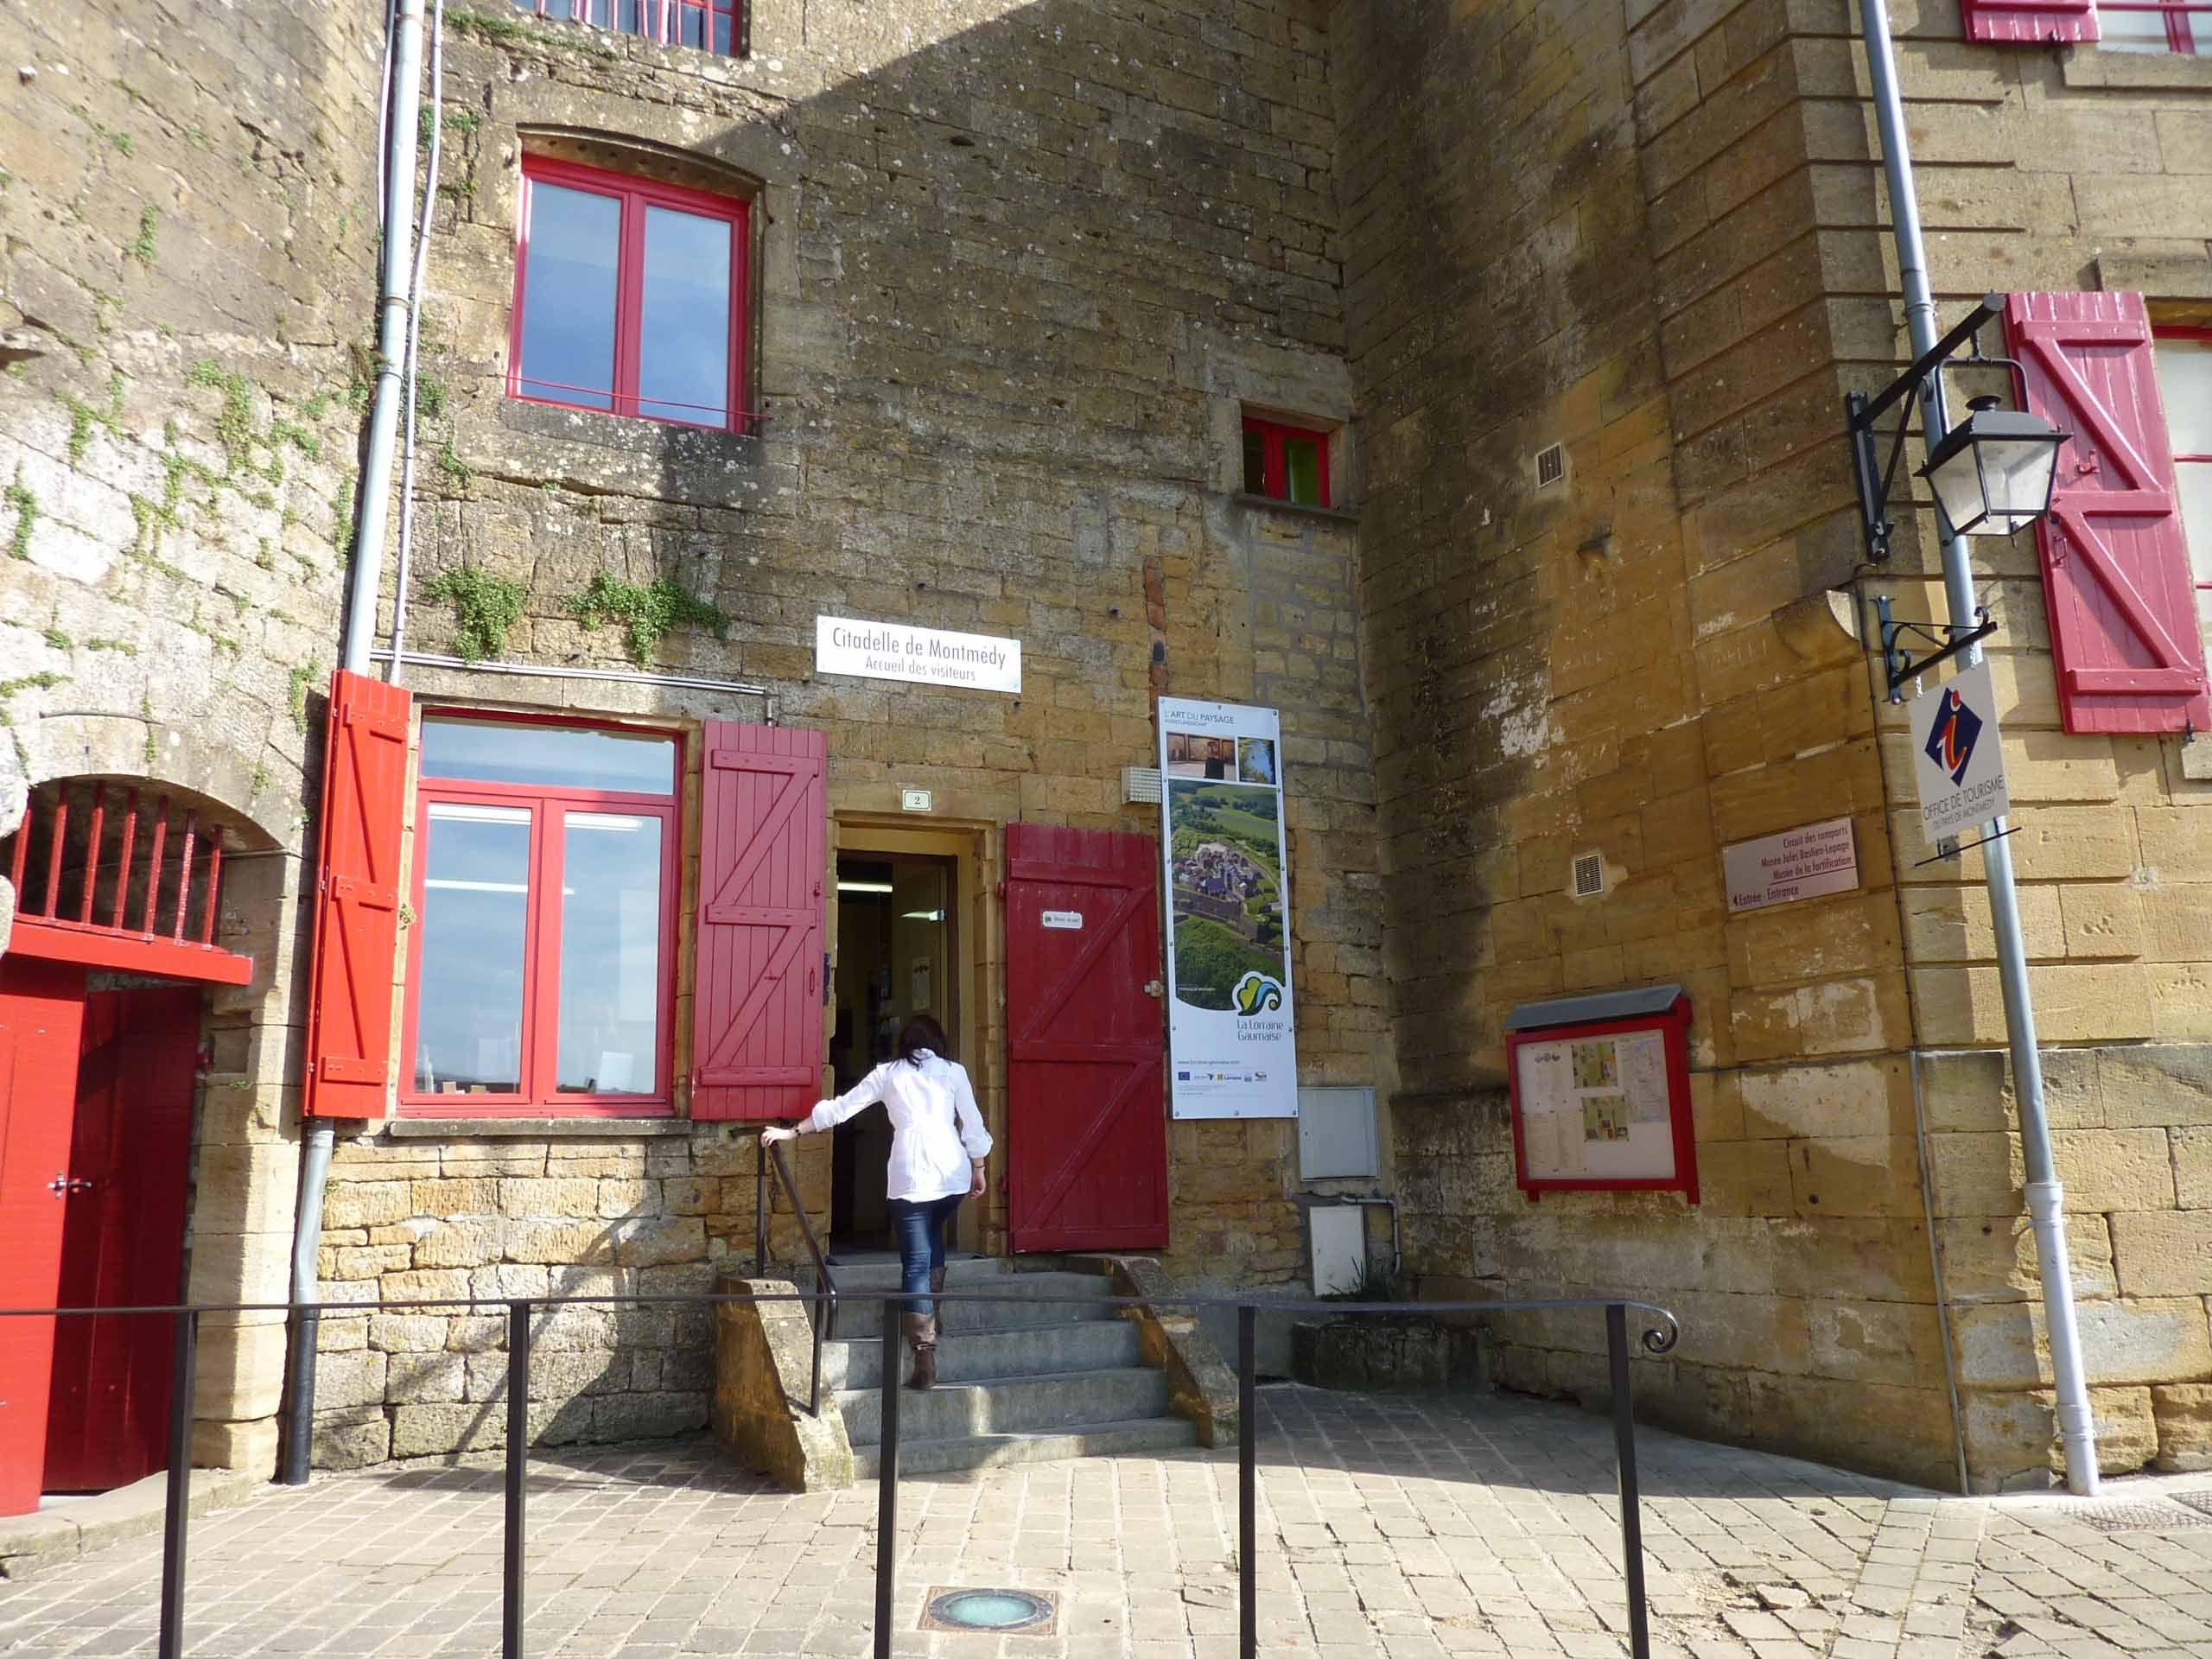 Office de tourisme transfrontalier du pays de montmedy - Office du tourisme de champagny en vanoise ...